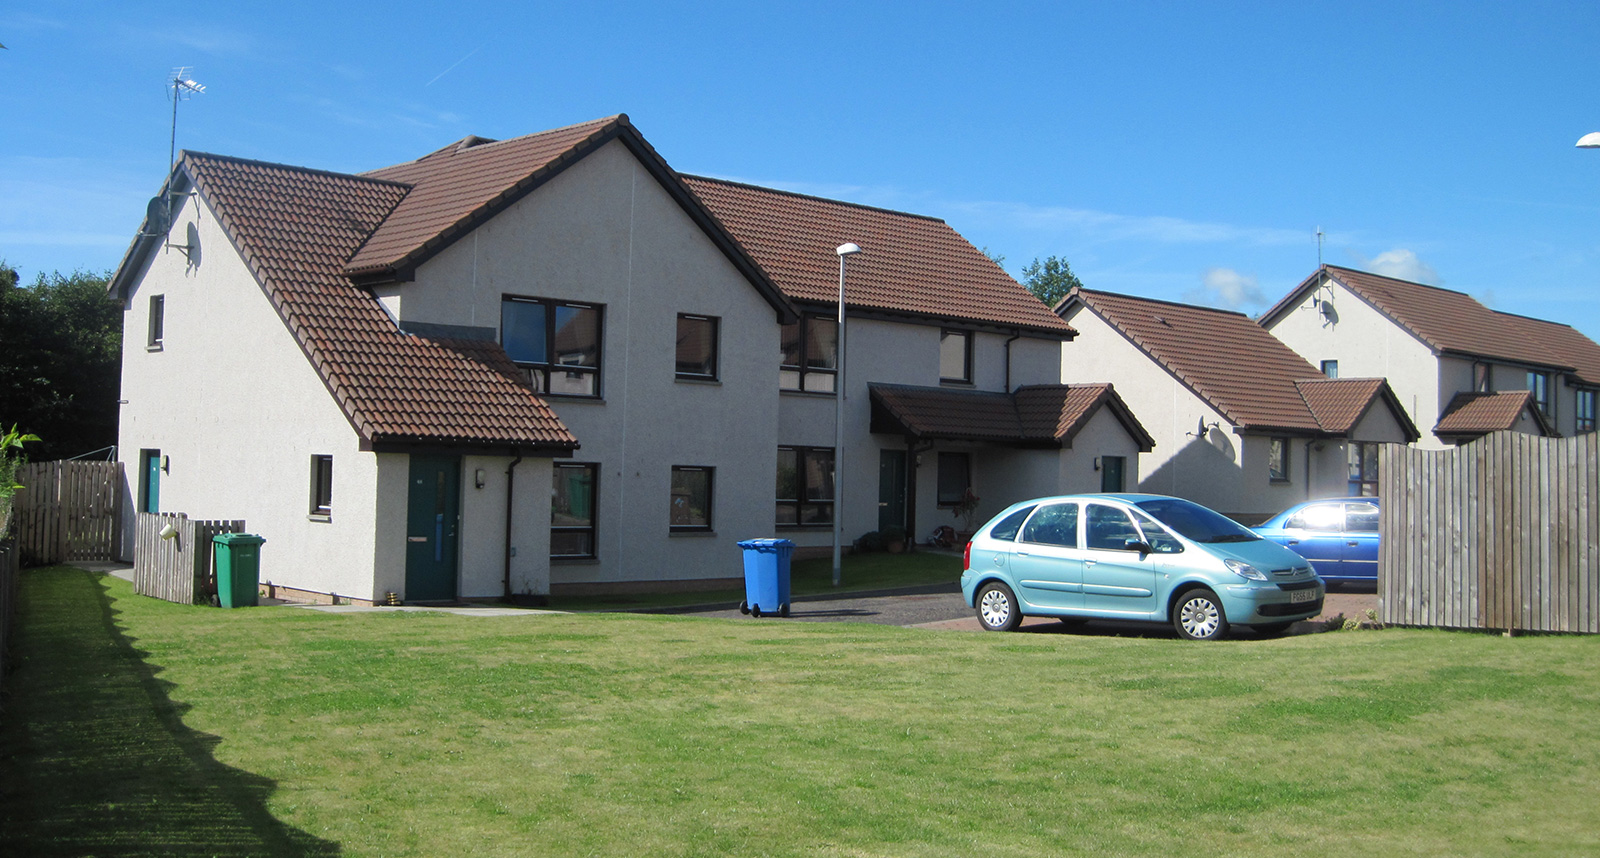 Windygates Housing